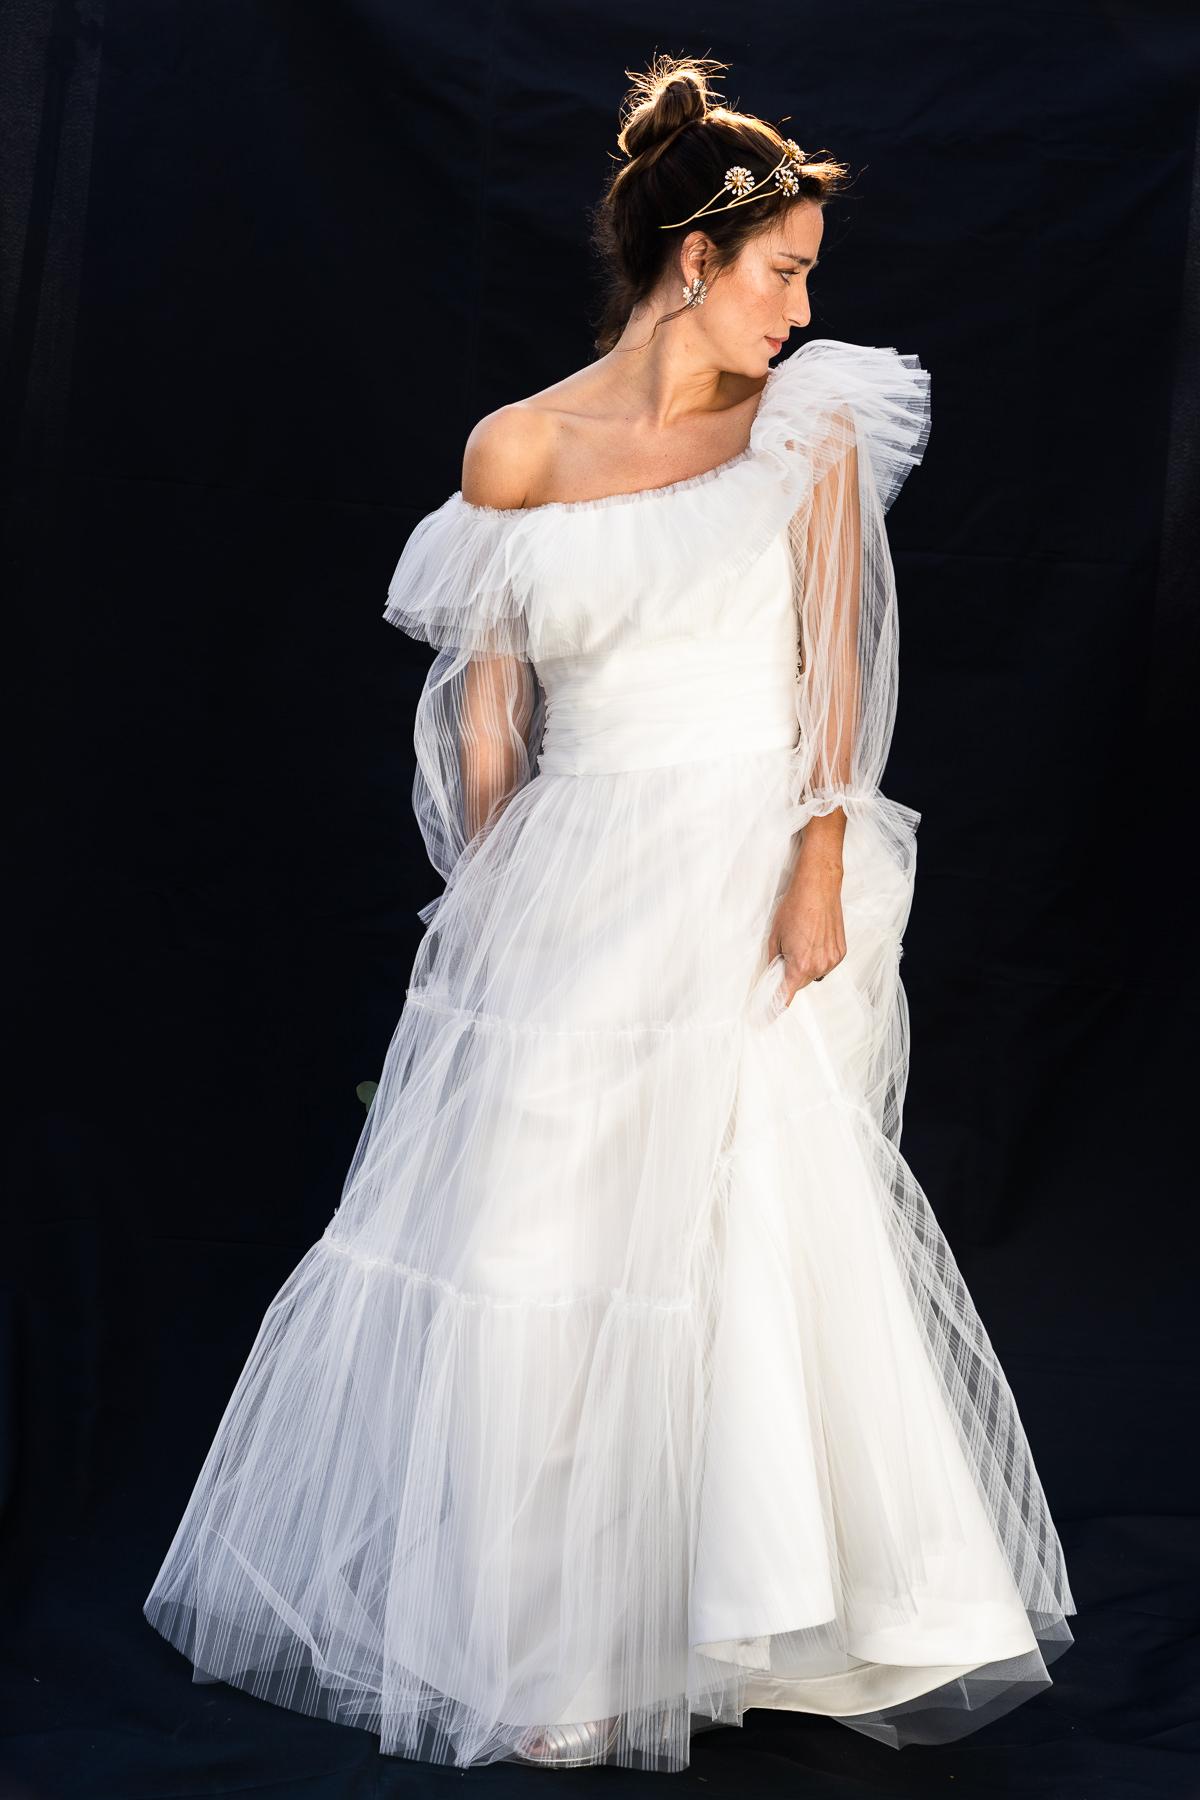 beatriz-alvaro-vestido de novia-atellier-madrid-a medida-diseñadora-tendendencias-tul- pliumetti-volantes-